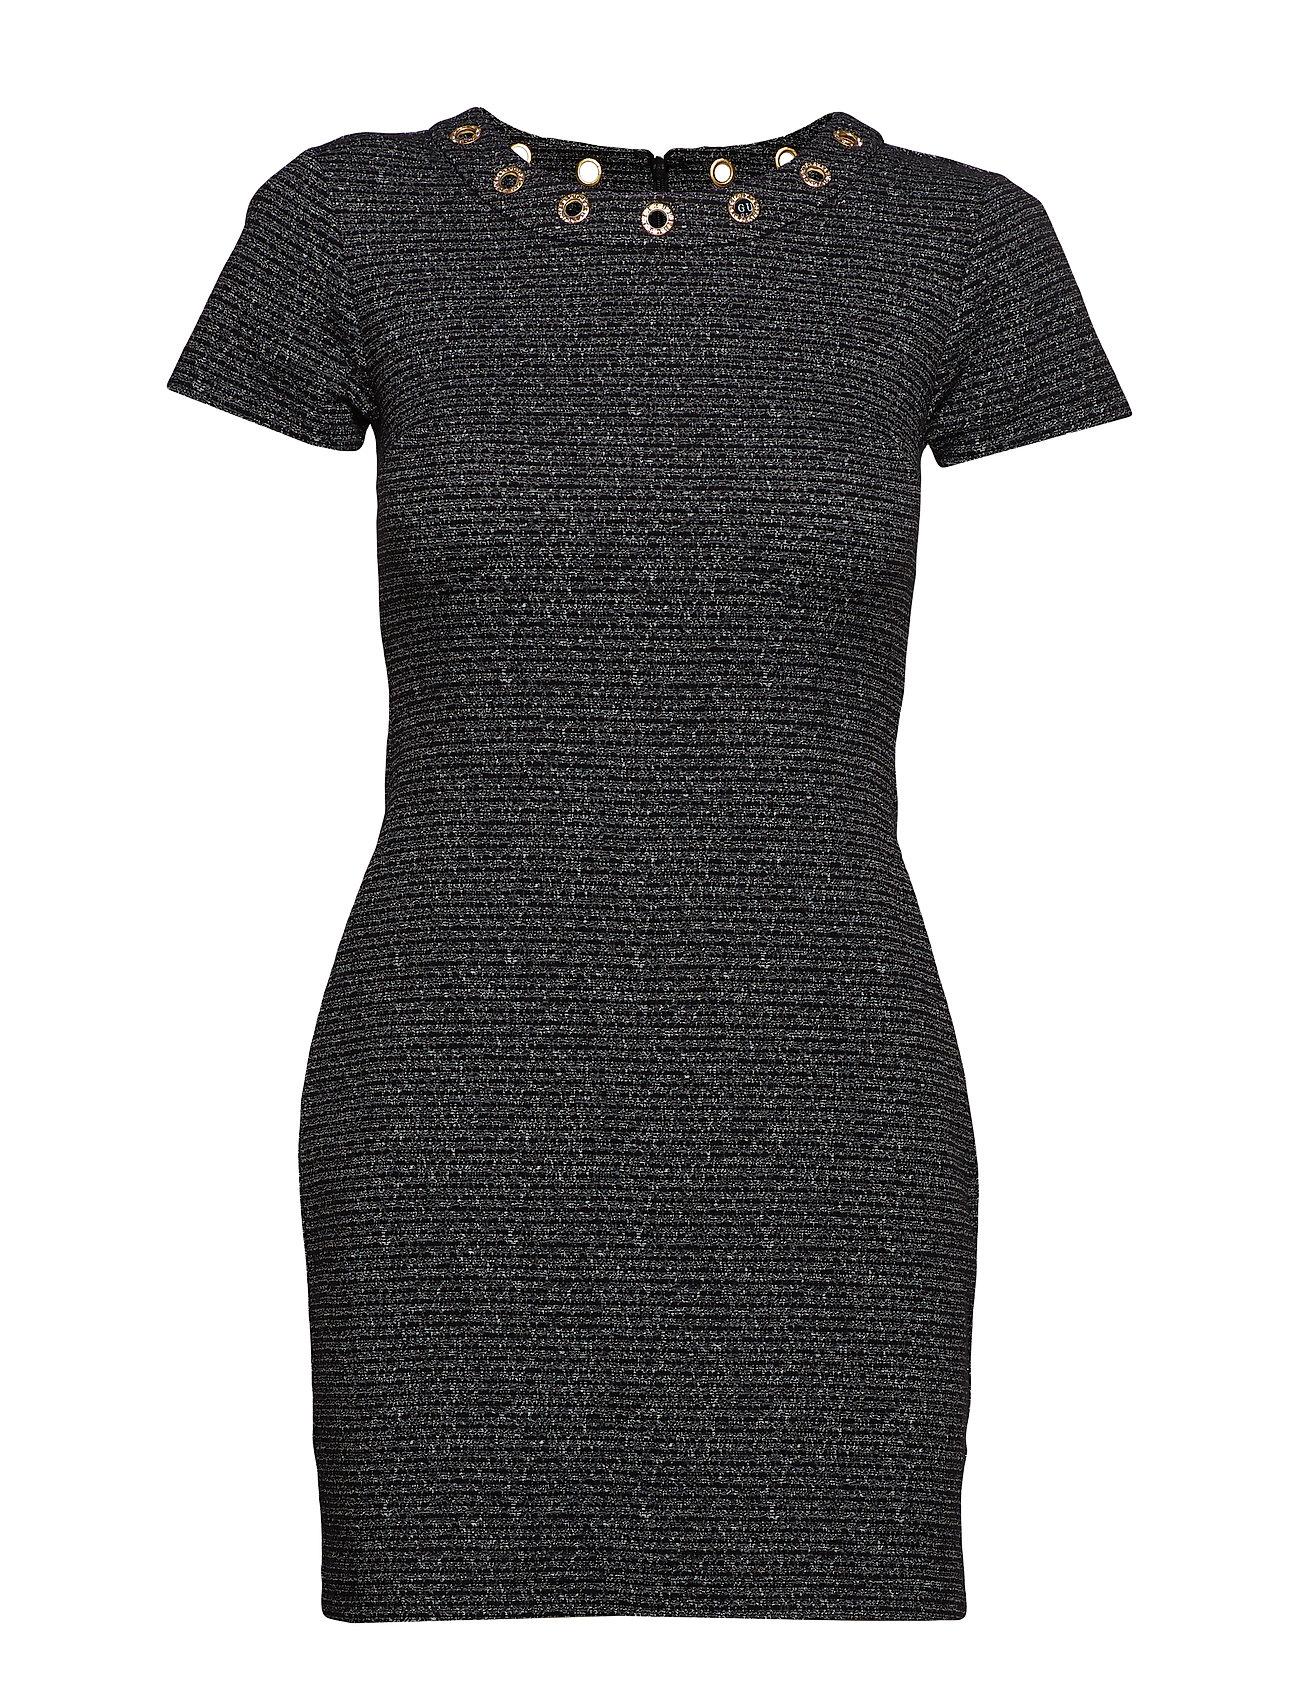 GUESS Jeans JACQUELINE DRESS - BLACK & SILVER TW